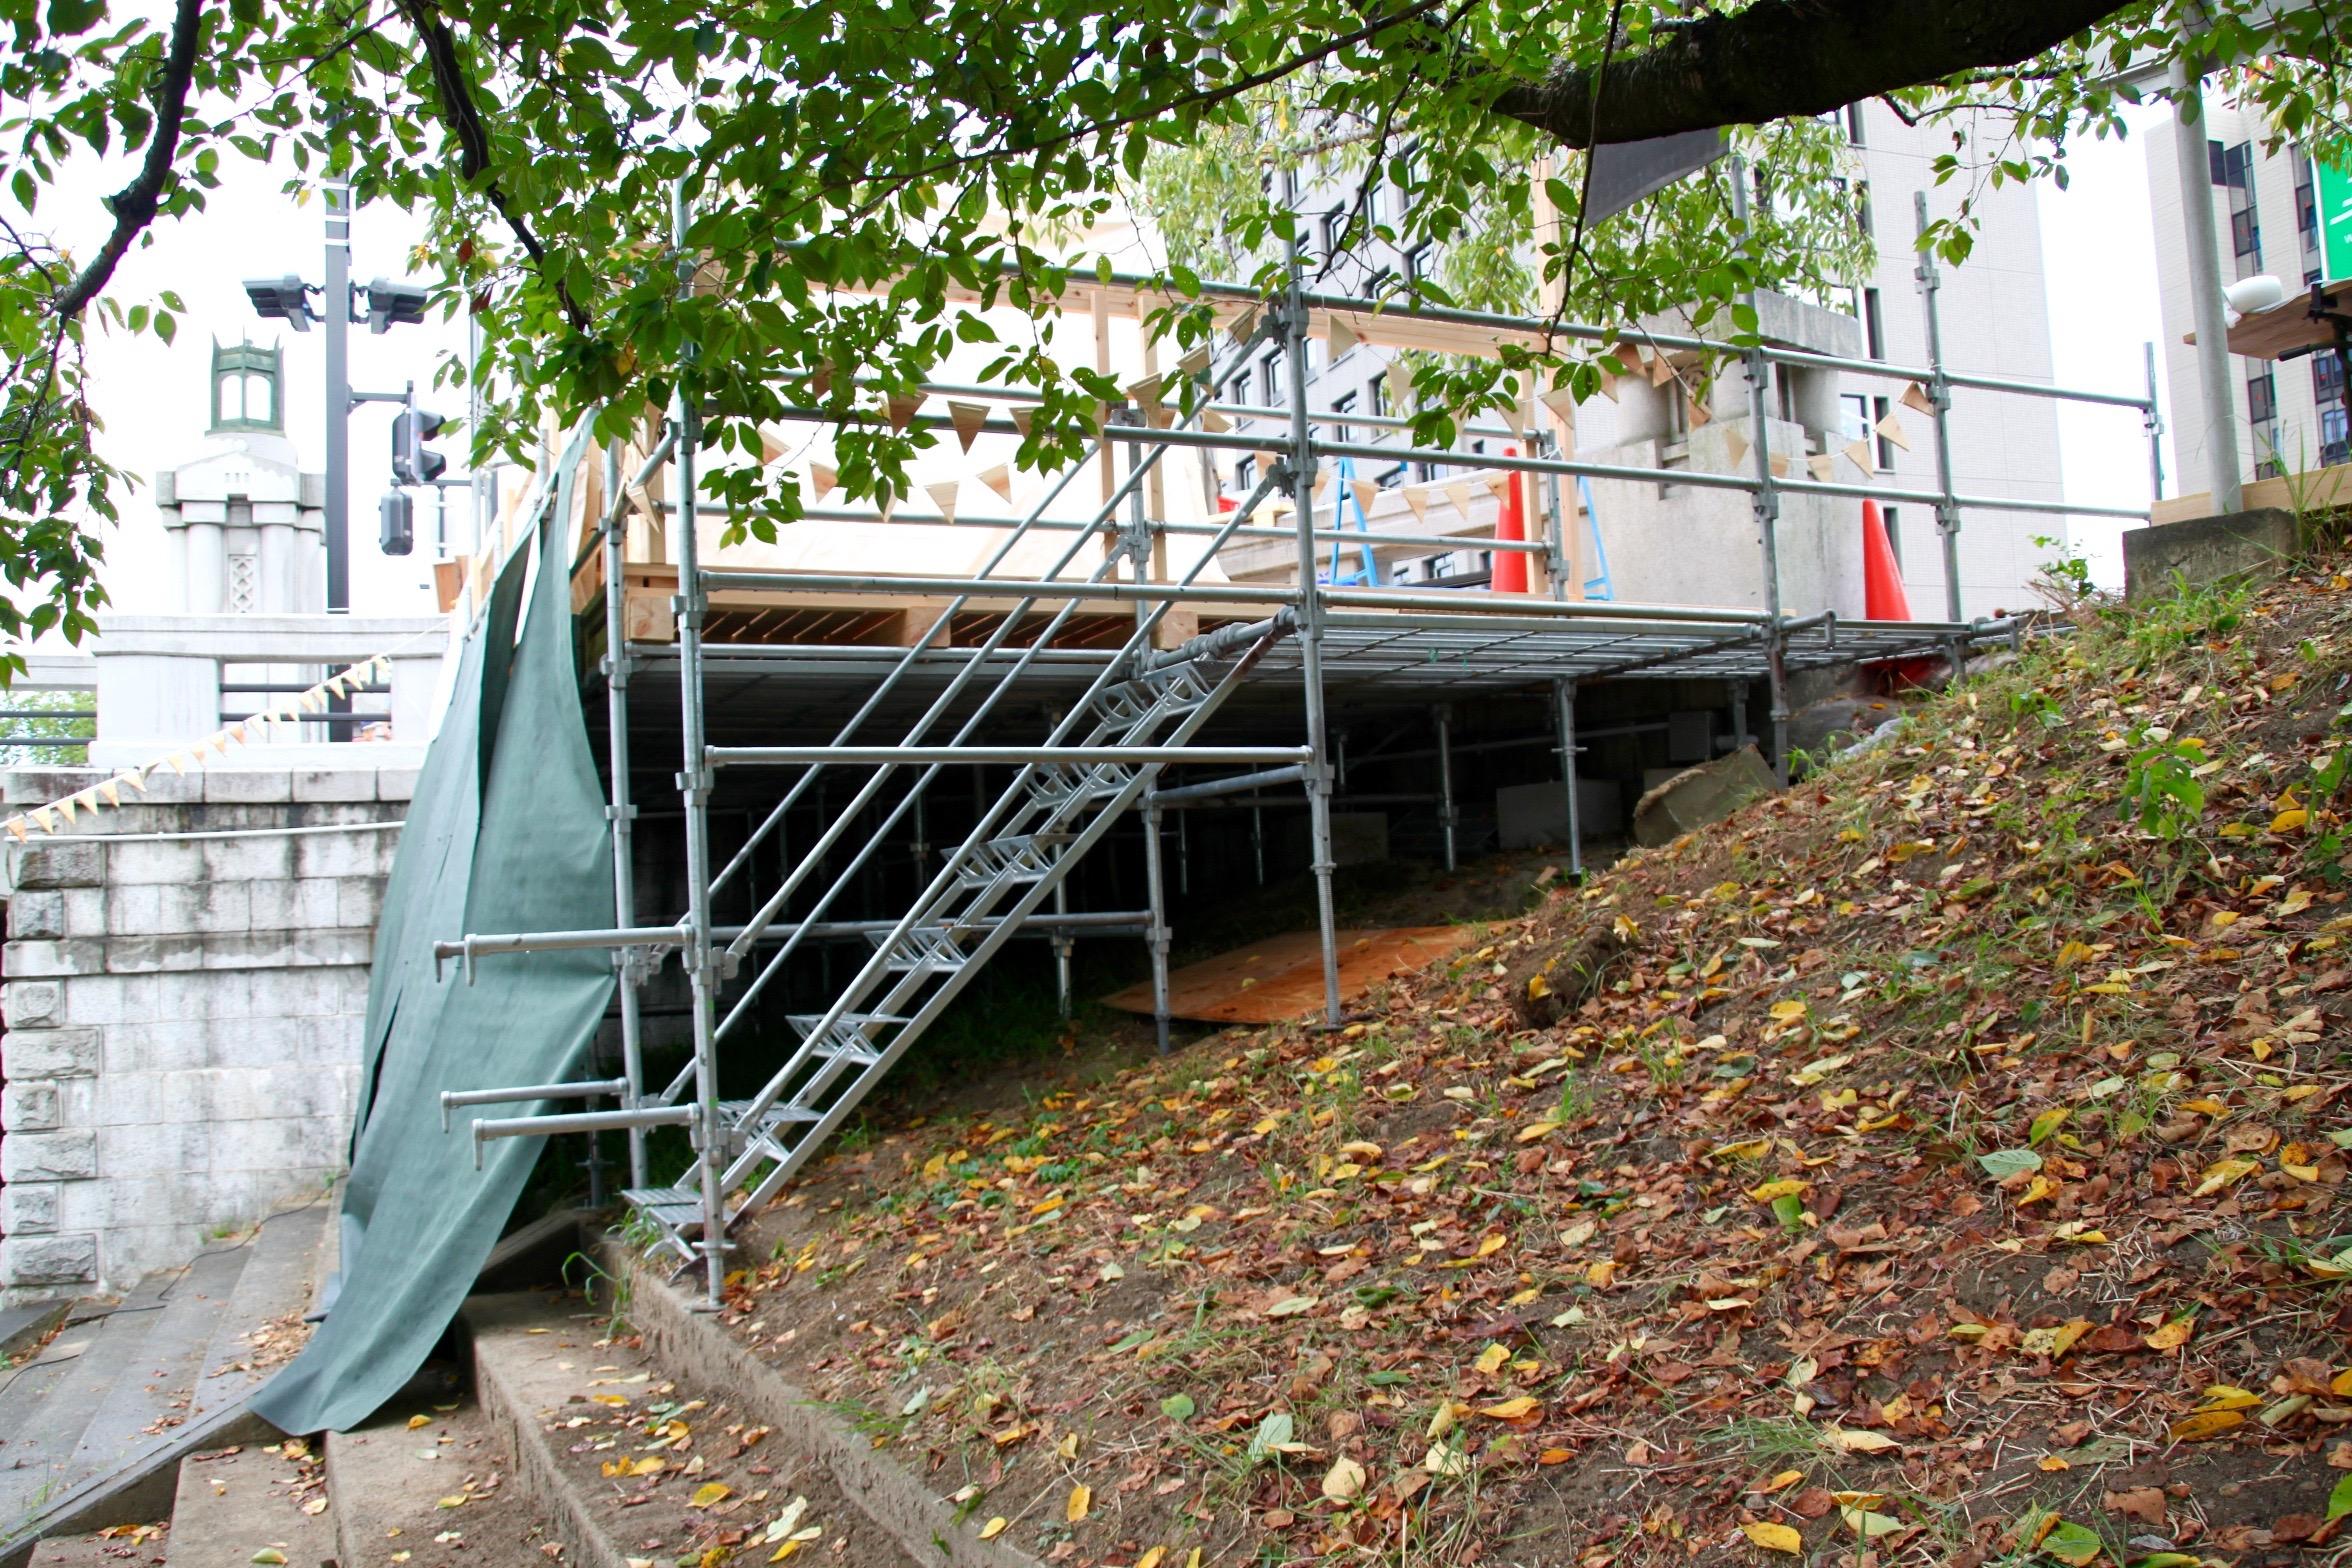 一番左の足場をコンクリート製の階段と連結させ基礎代わりにしている Photo by 遠藤翼